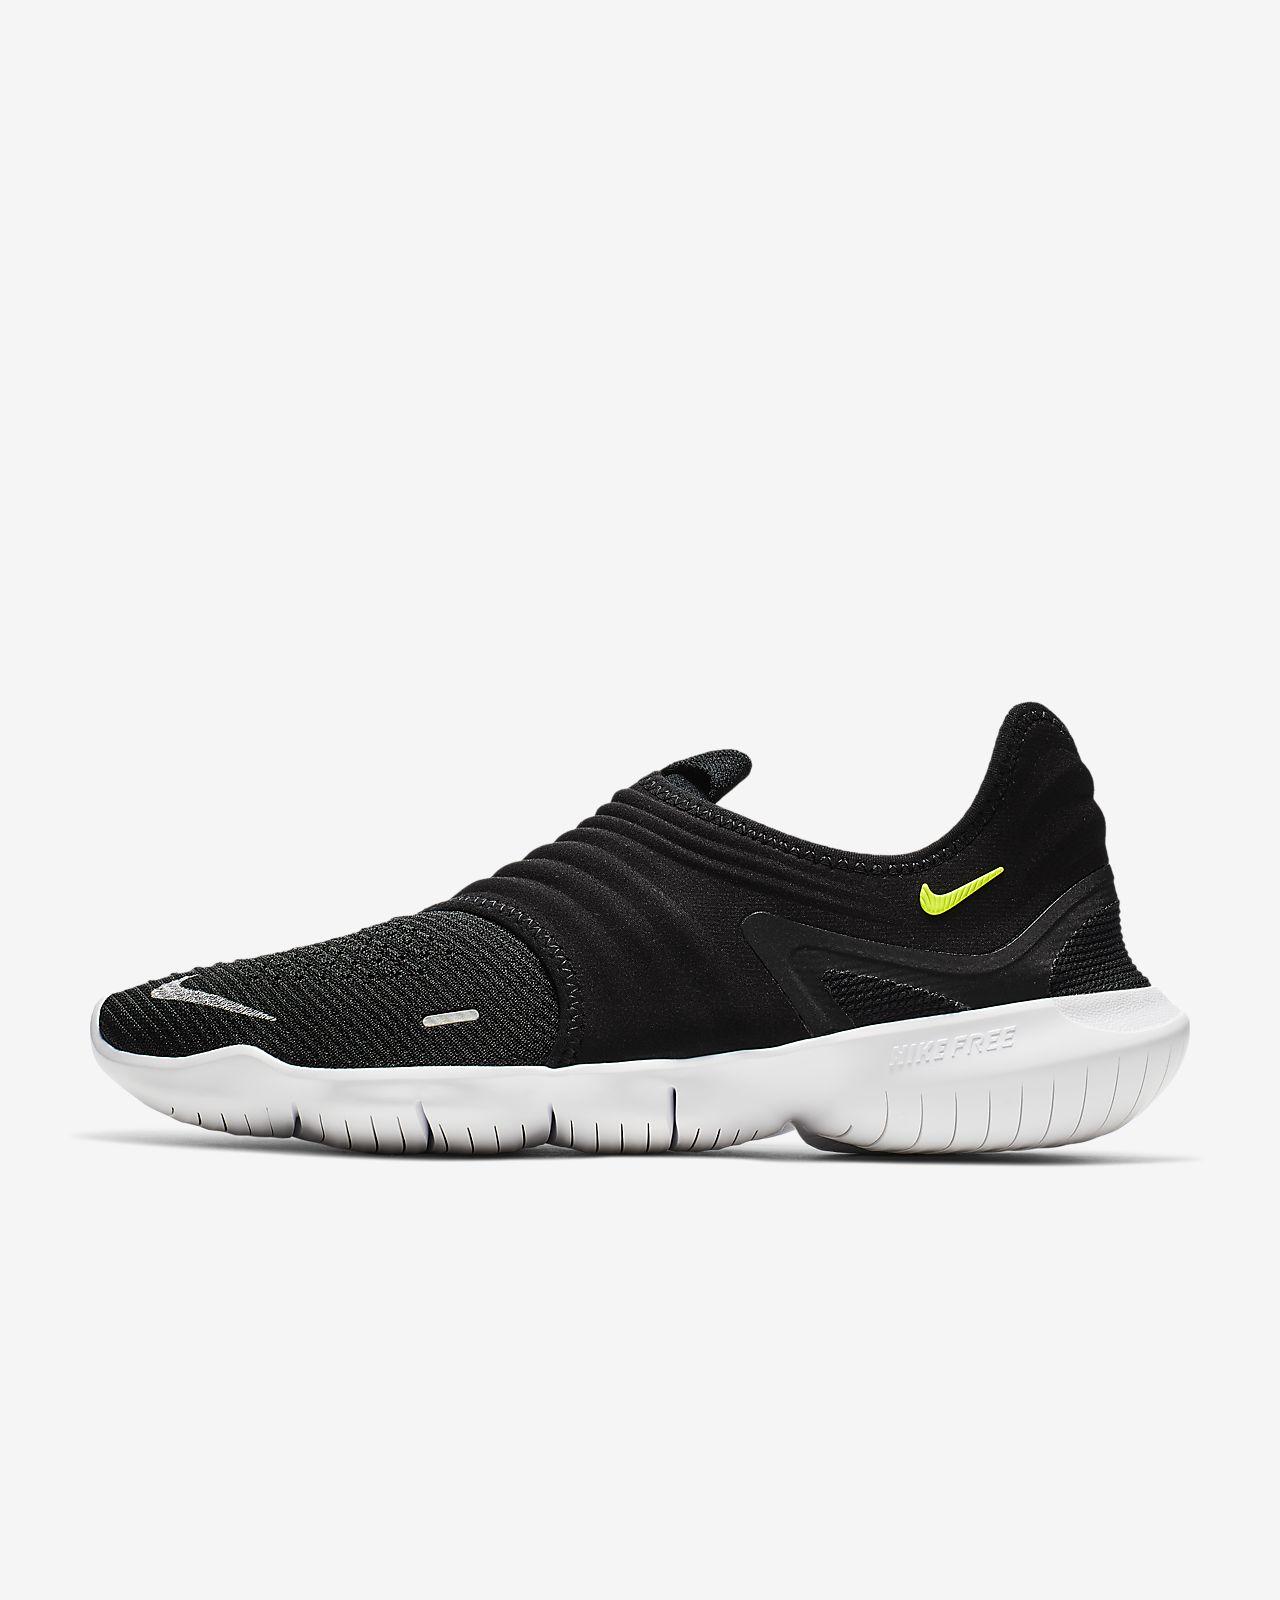 Nike Free RN Flyknit 3.0 Erkek Koşu Ayakkabısı